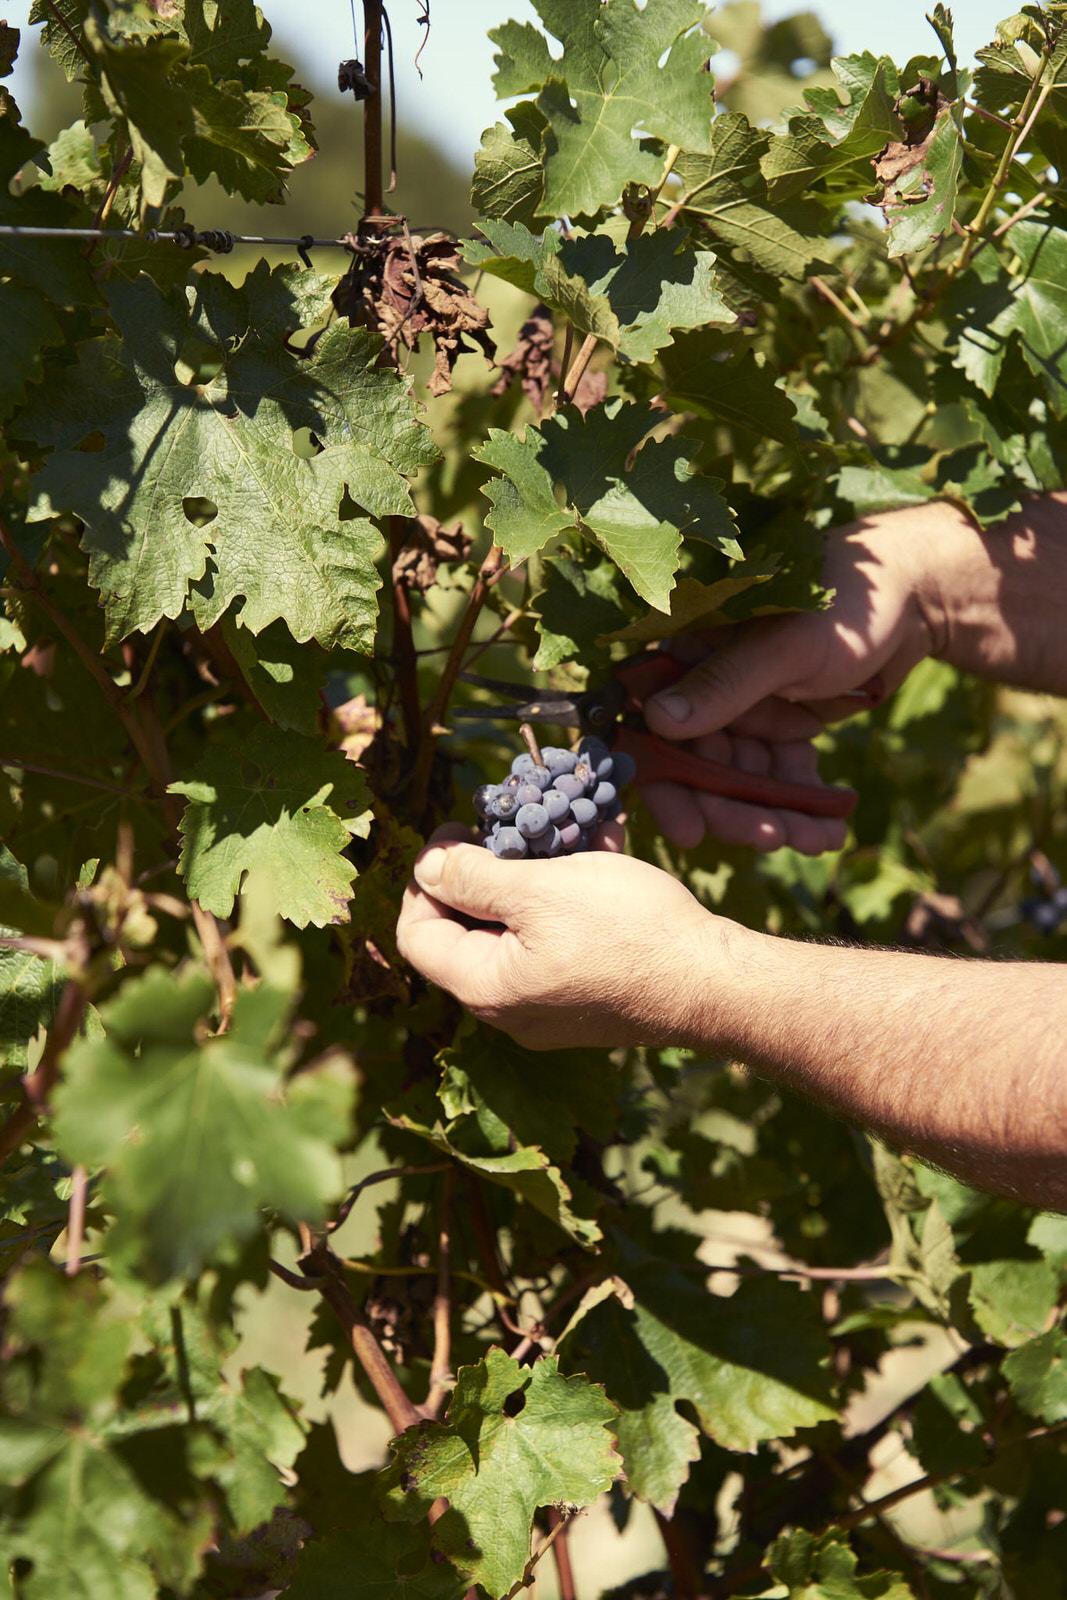 Reportage photo - Domaine viticole 2